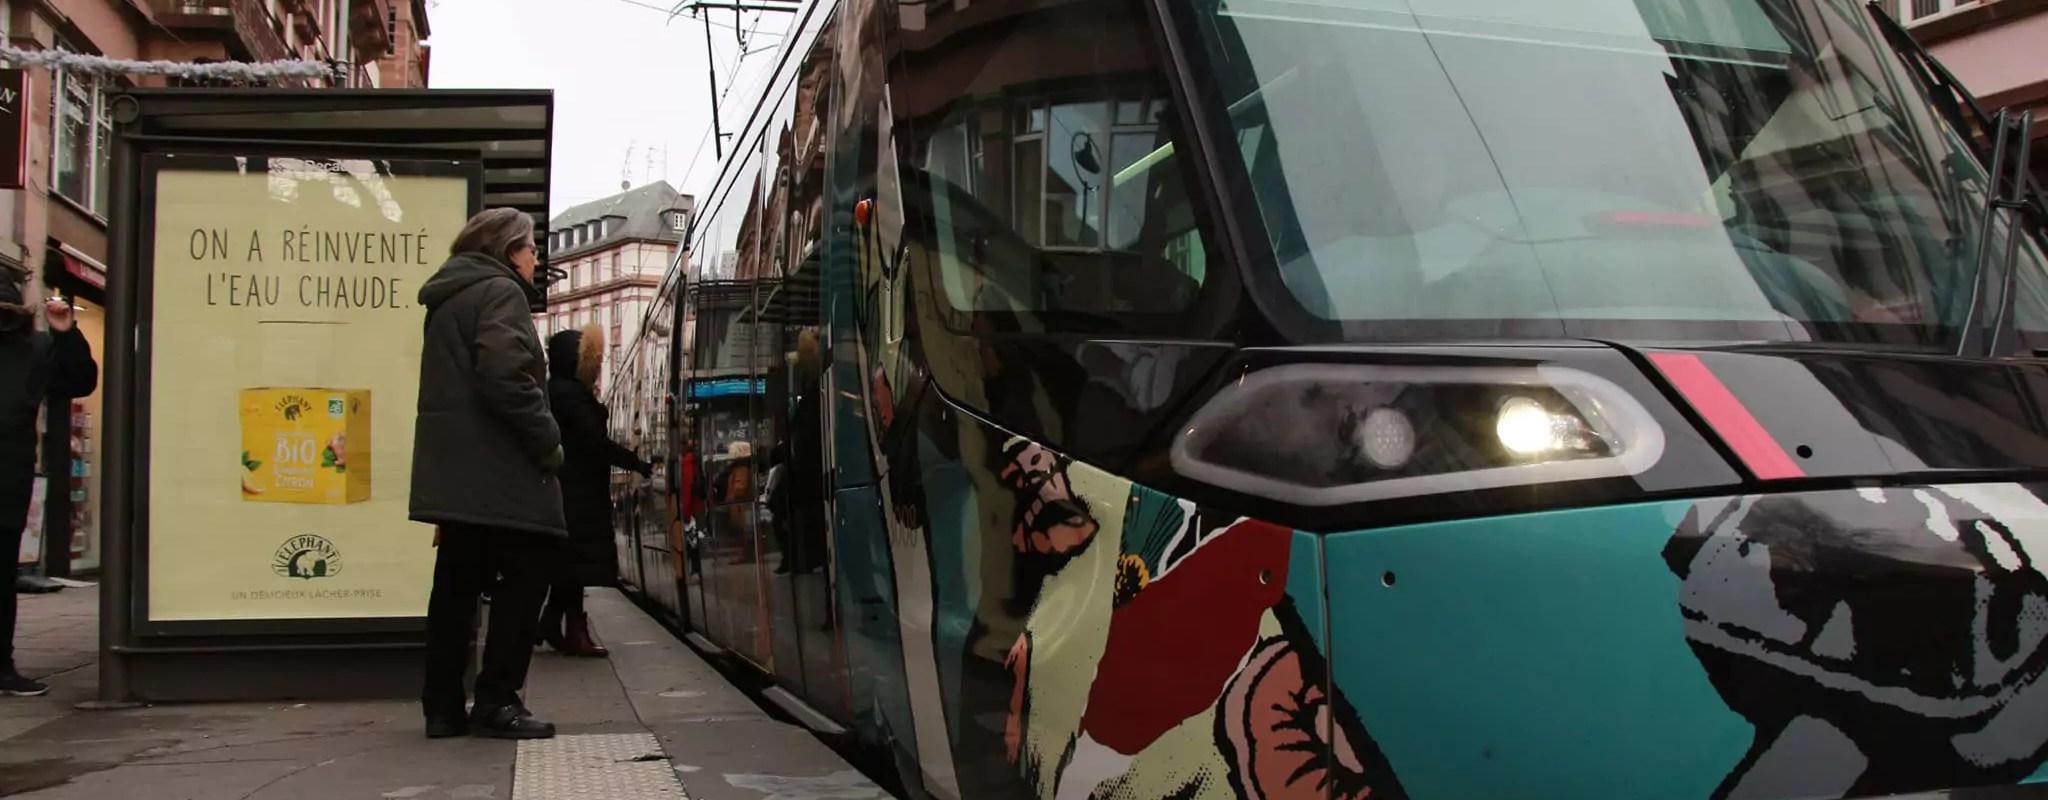 Bientôt, les transports gratuits à Strasbourg lors des pics de pollution